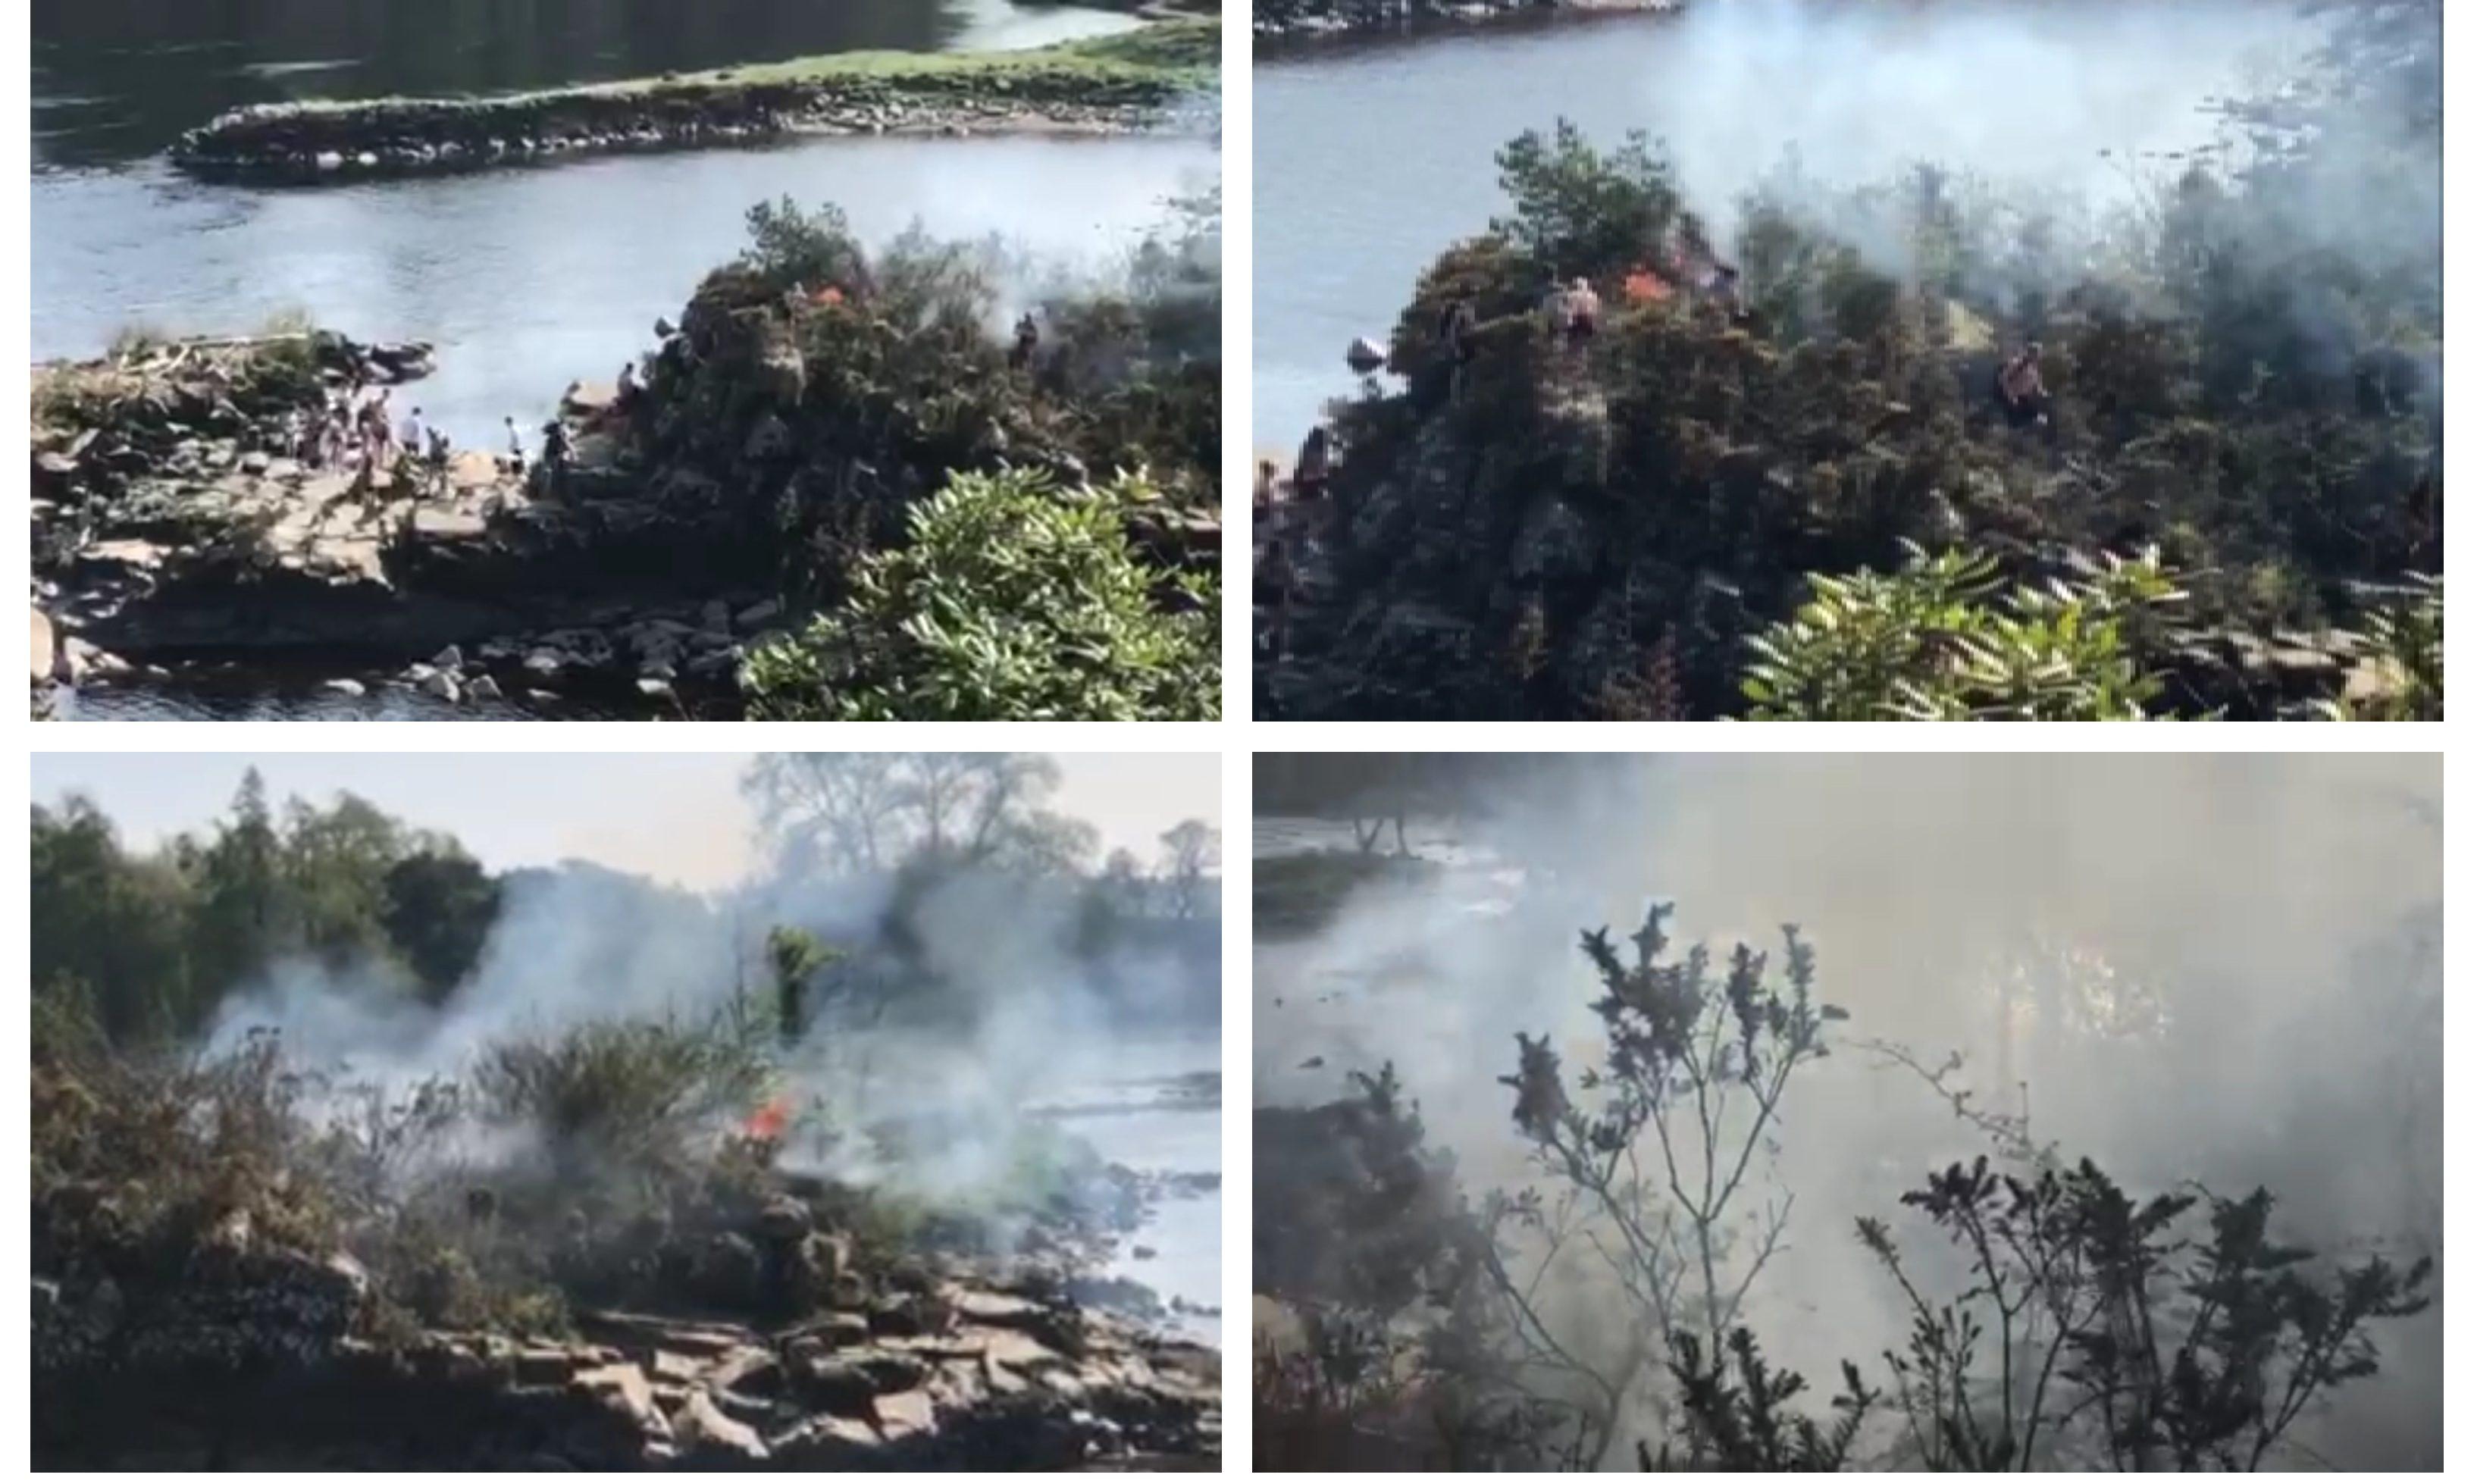 The island blaze near Stanley.